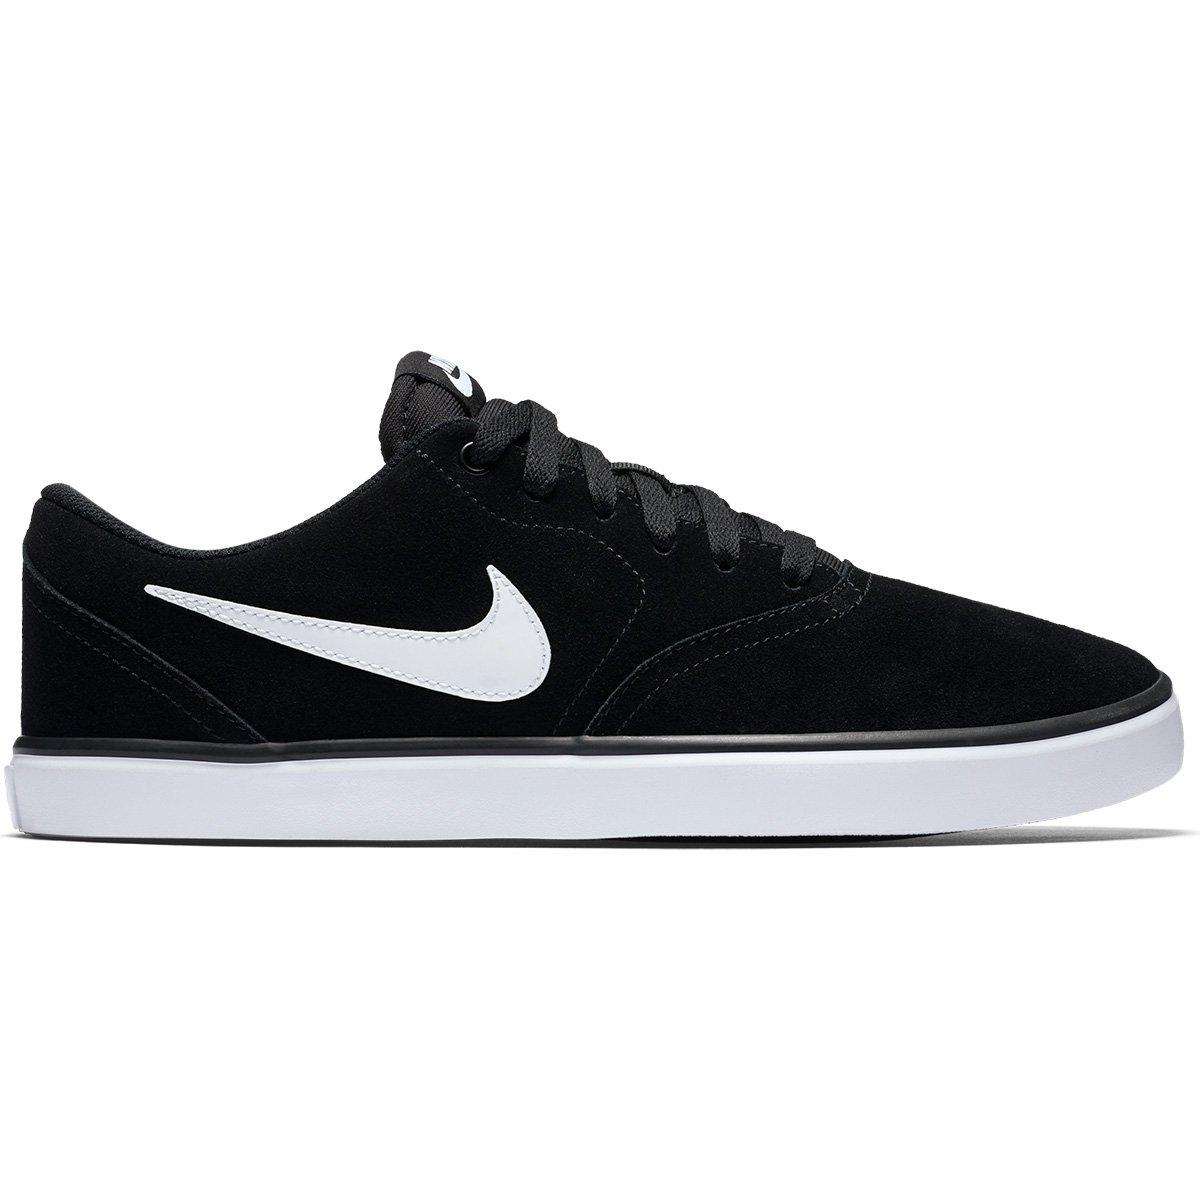 Tênis Nike Sb Check Solar Masculino - Preto e Branco - Compre Agora . 76191603c4f15